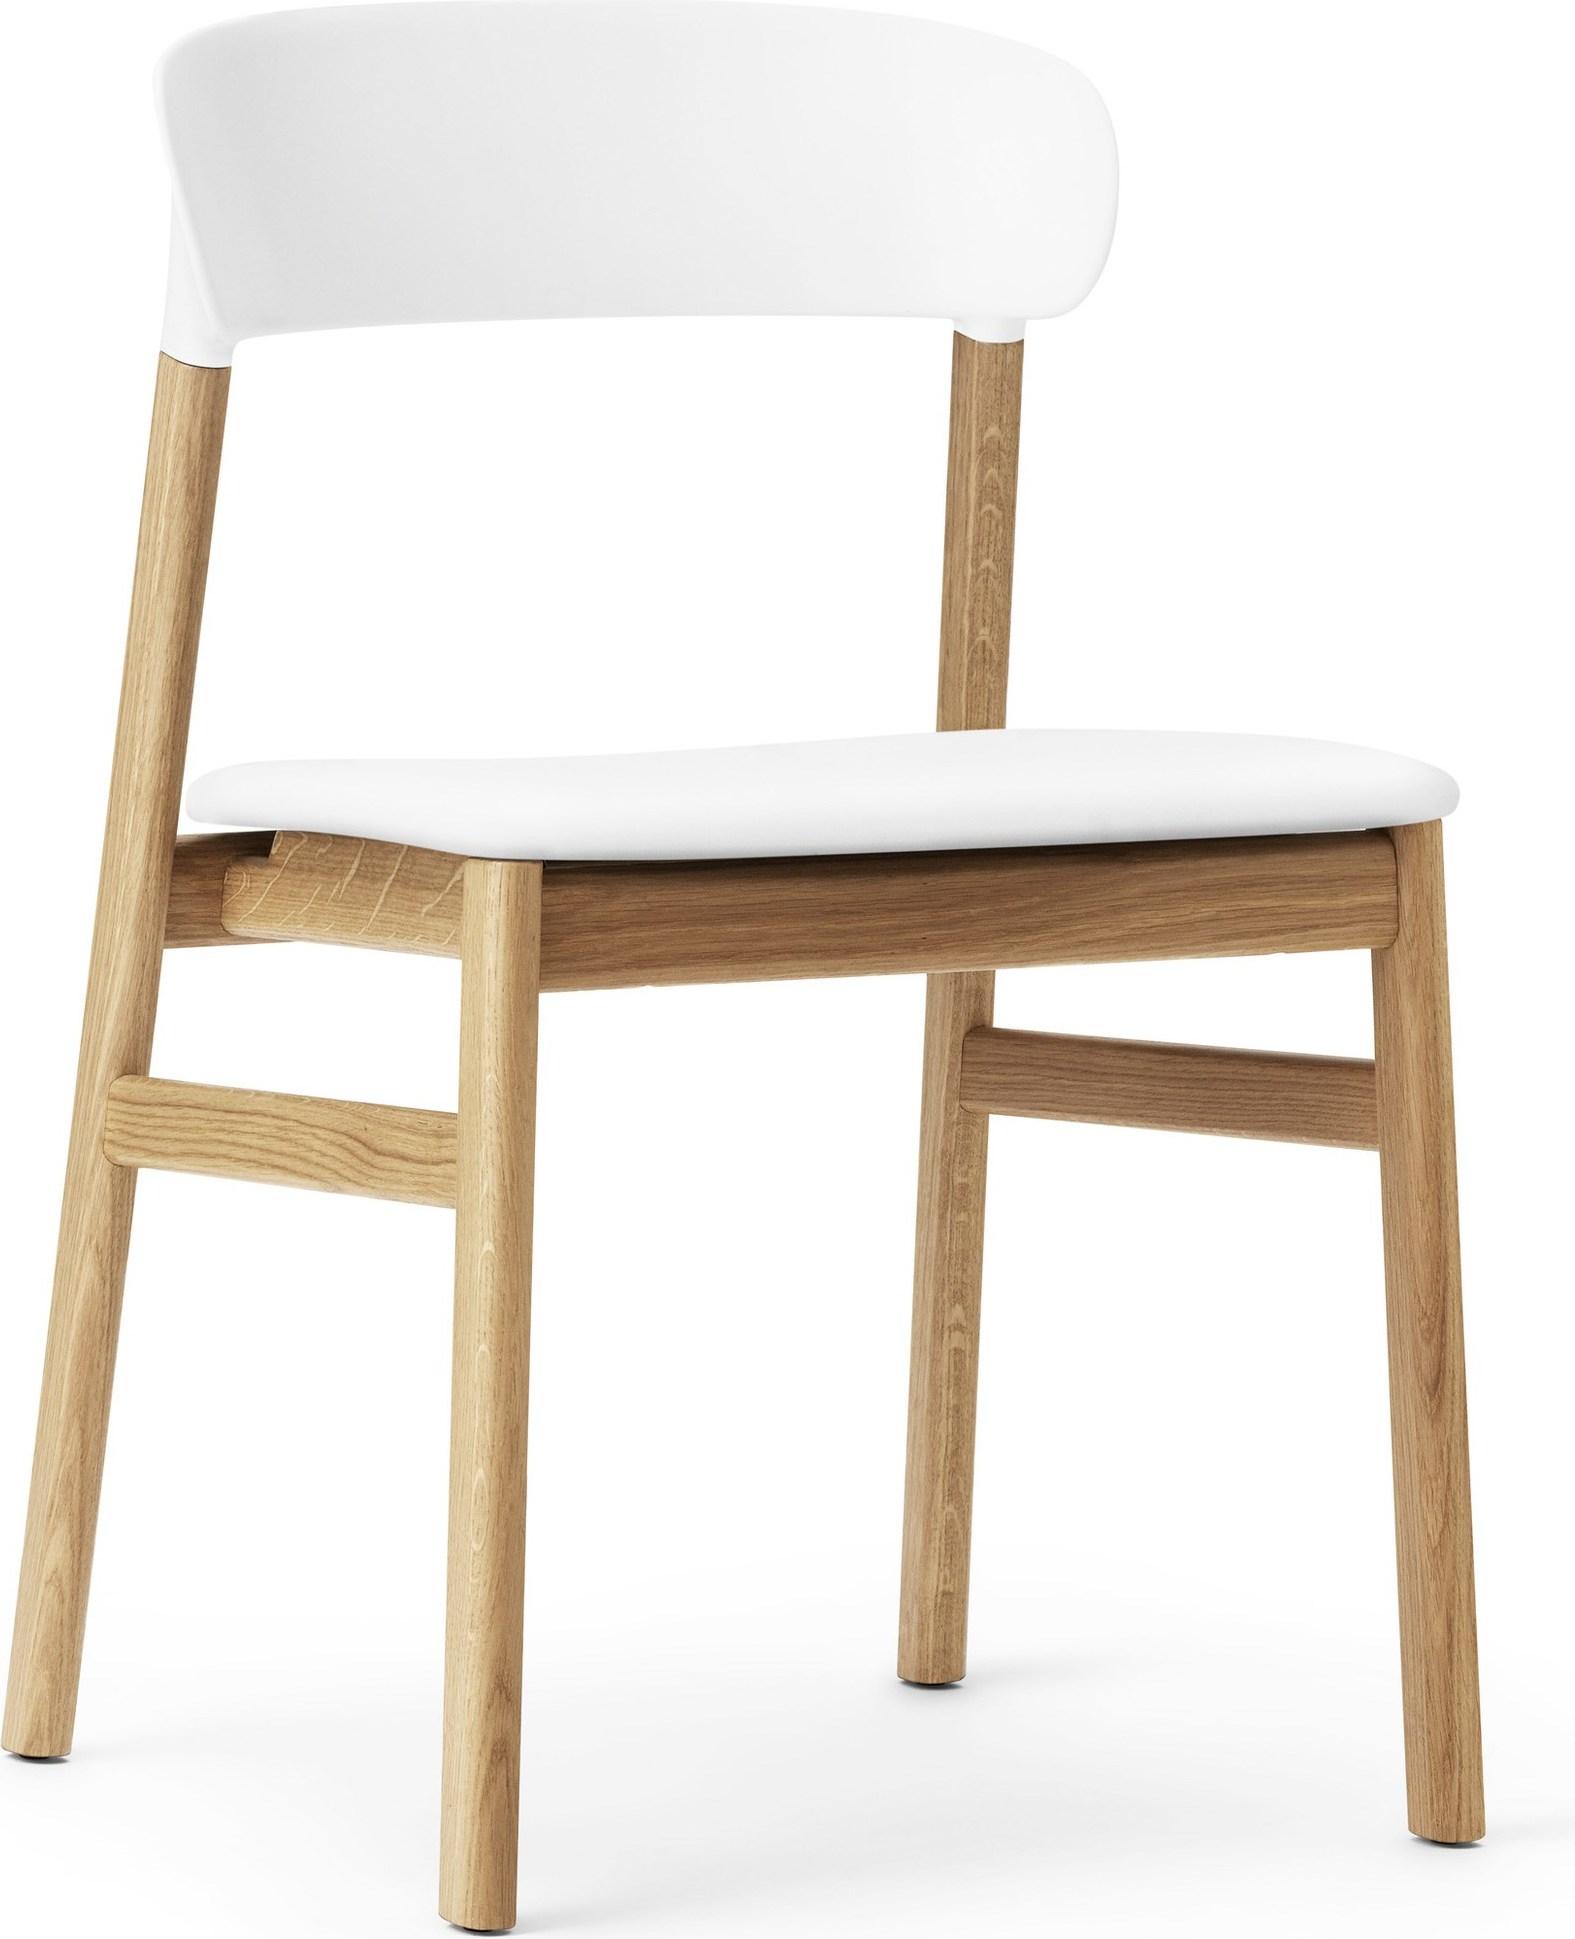 Krzesło Herit Jasny Dąb Siedzisko Skórzane